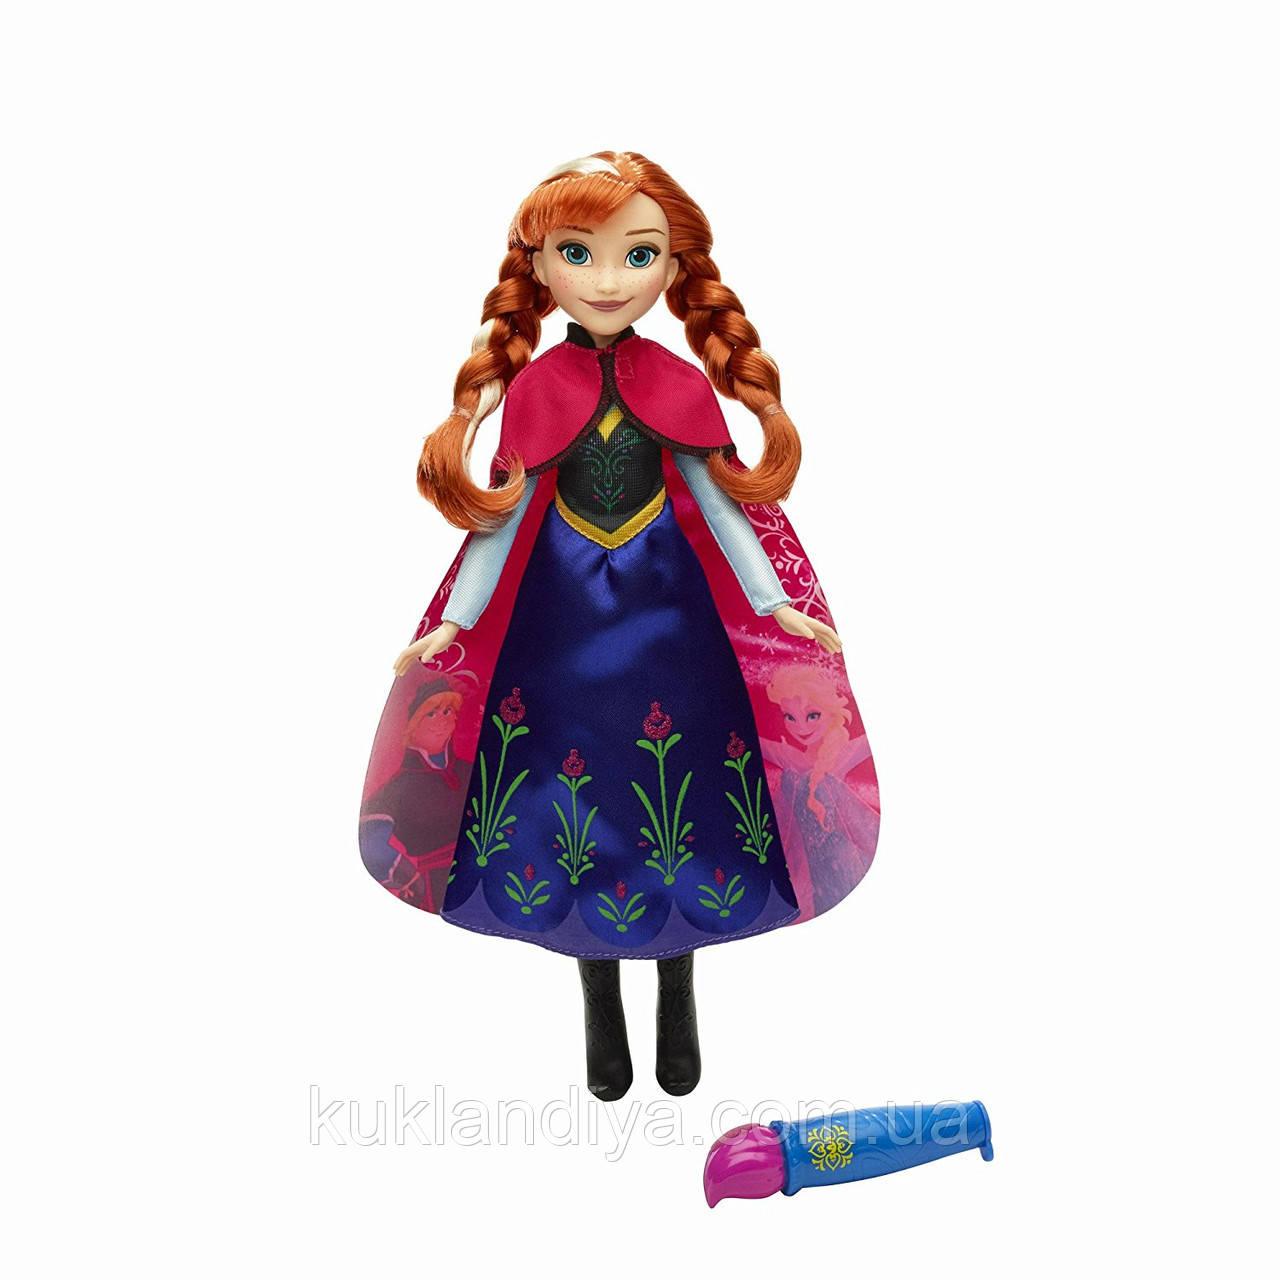 Кукла Анна с магической кистью Disney Хасбро